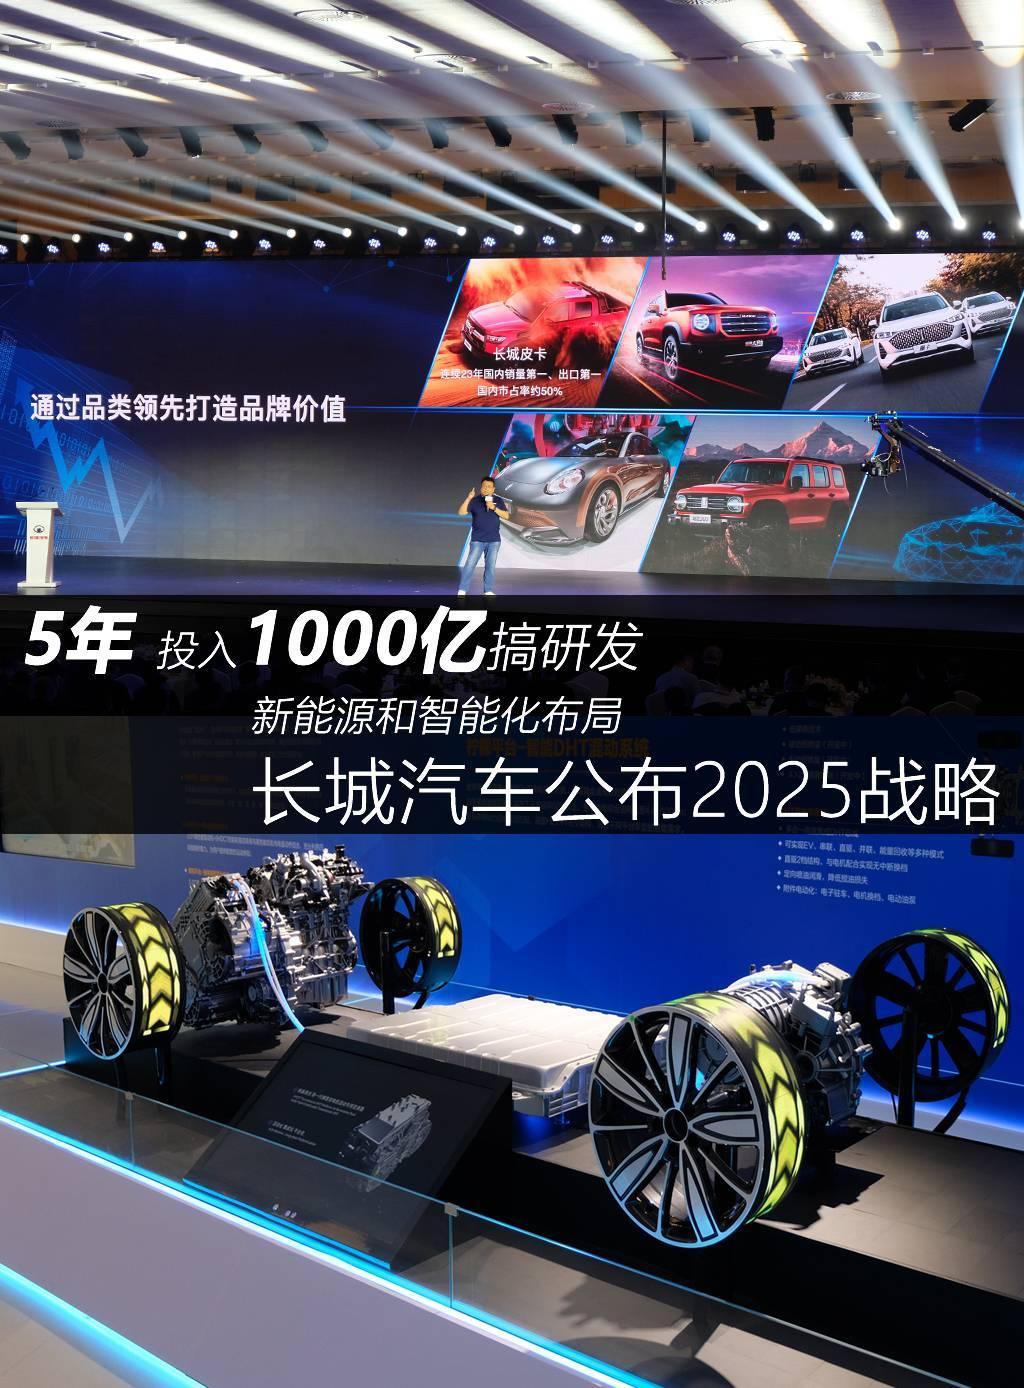 5年投入1000億搞研發 智慧化佈局 長城汽車公佈2025